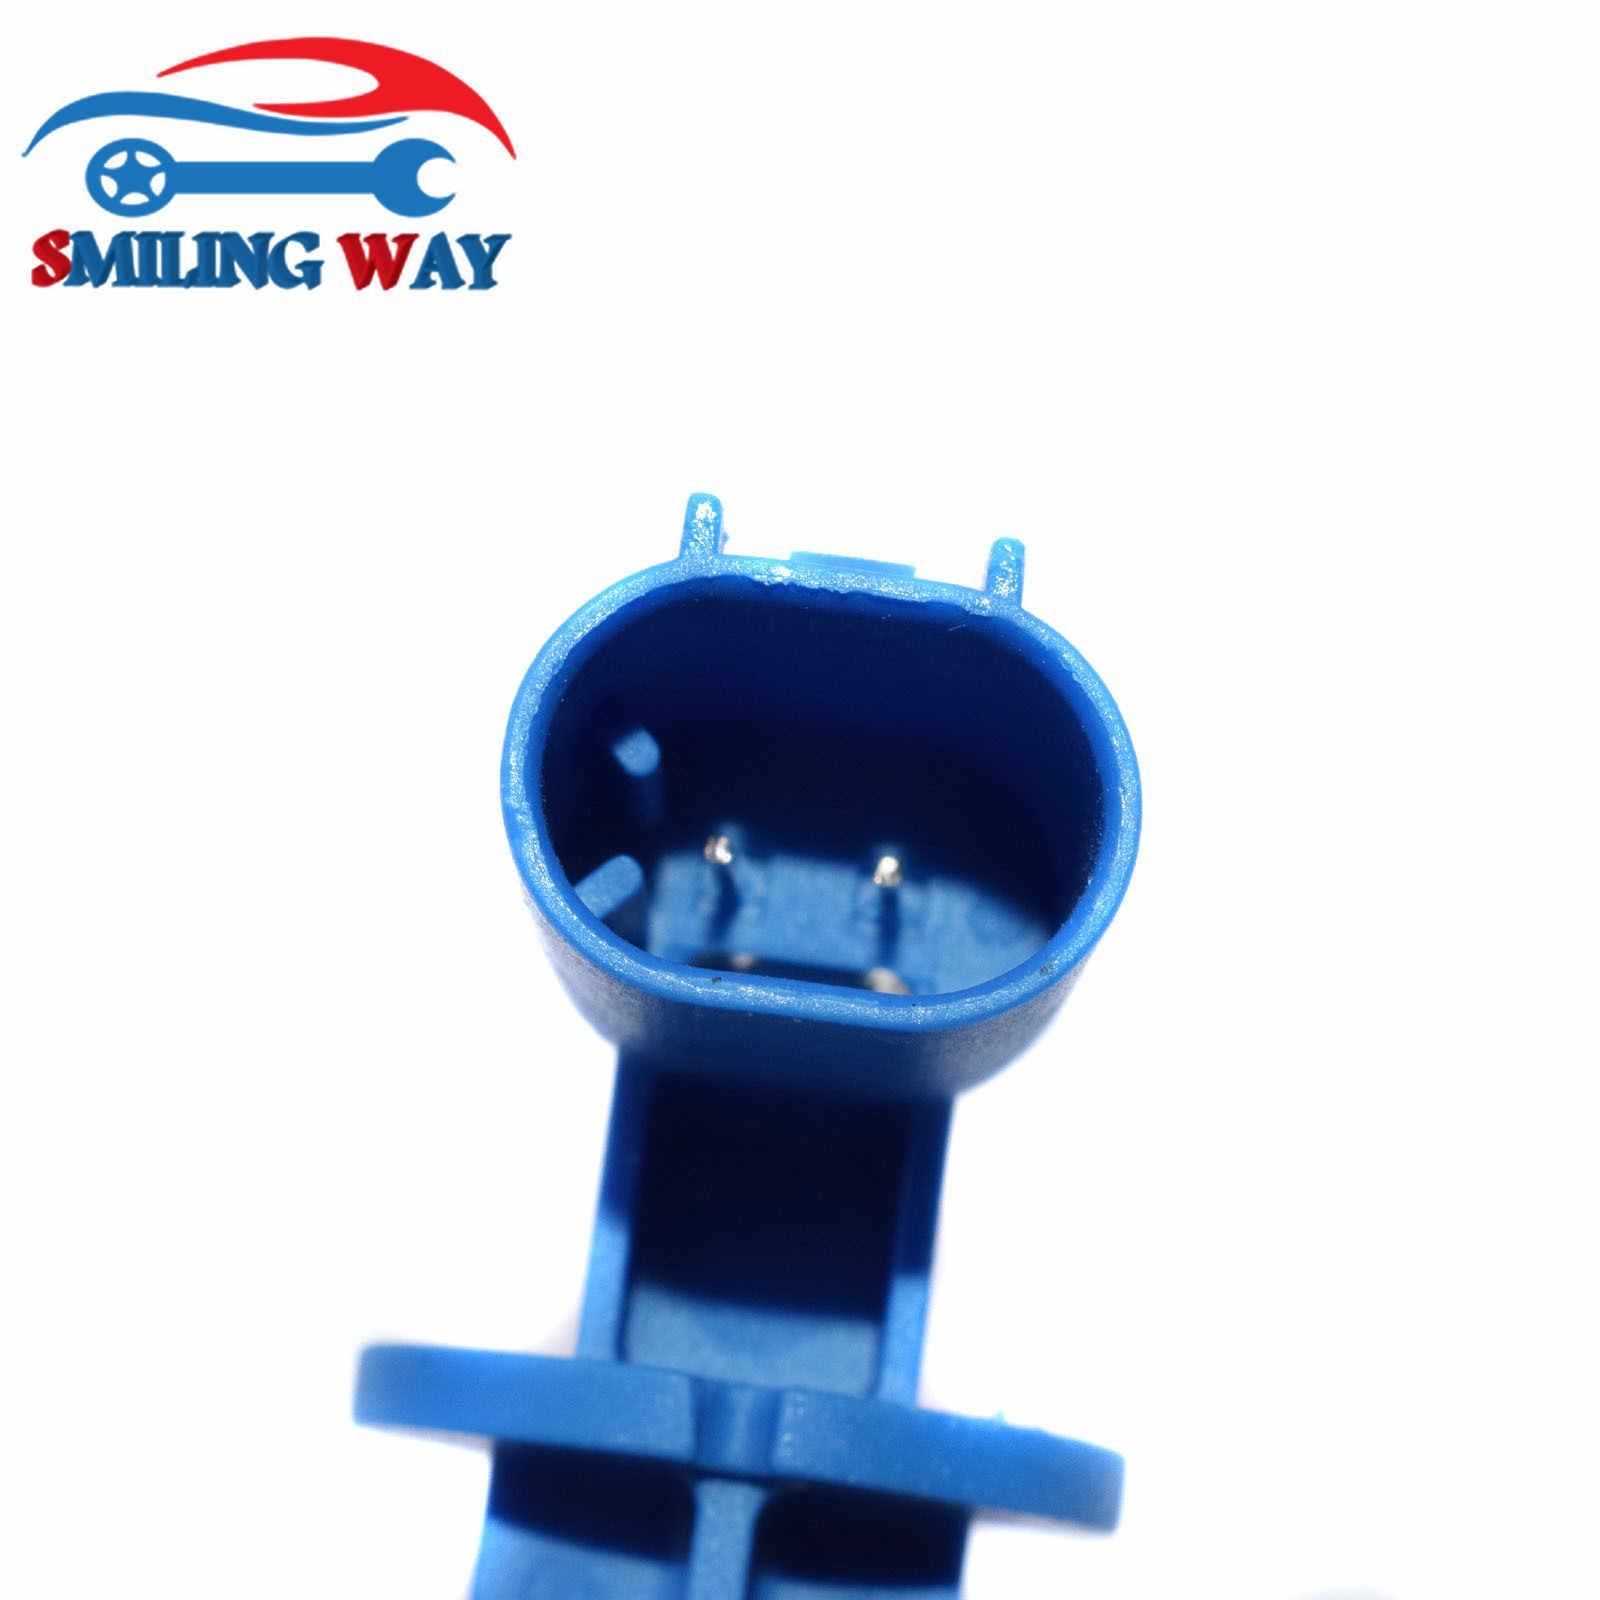 רדיאטור קירור טנק & הרכבה צלחת & כובע & חיישן & תרמוסטט & צינורות & צינור מחבר עבור BMW E46 x3 E83 X5 E53 Z4 E85